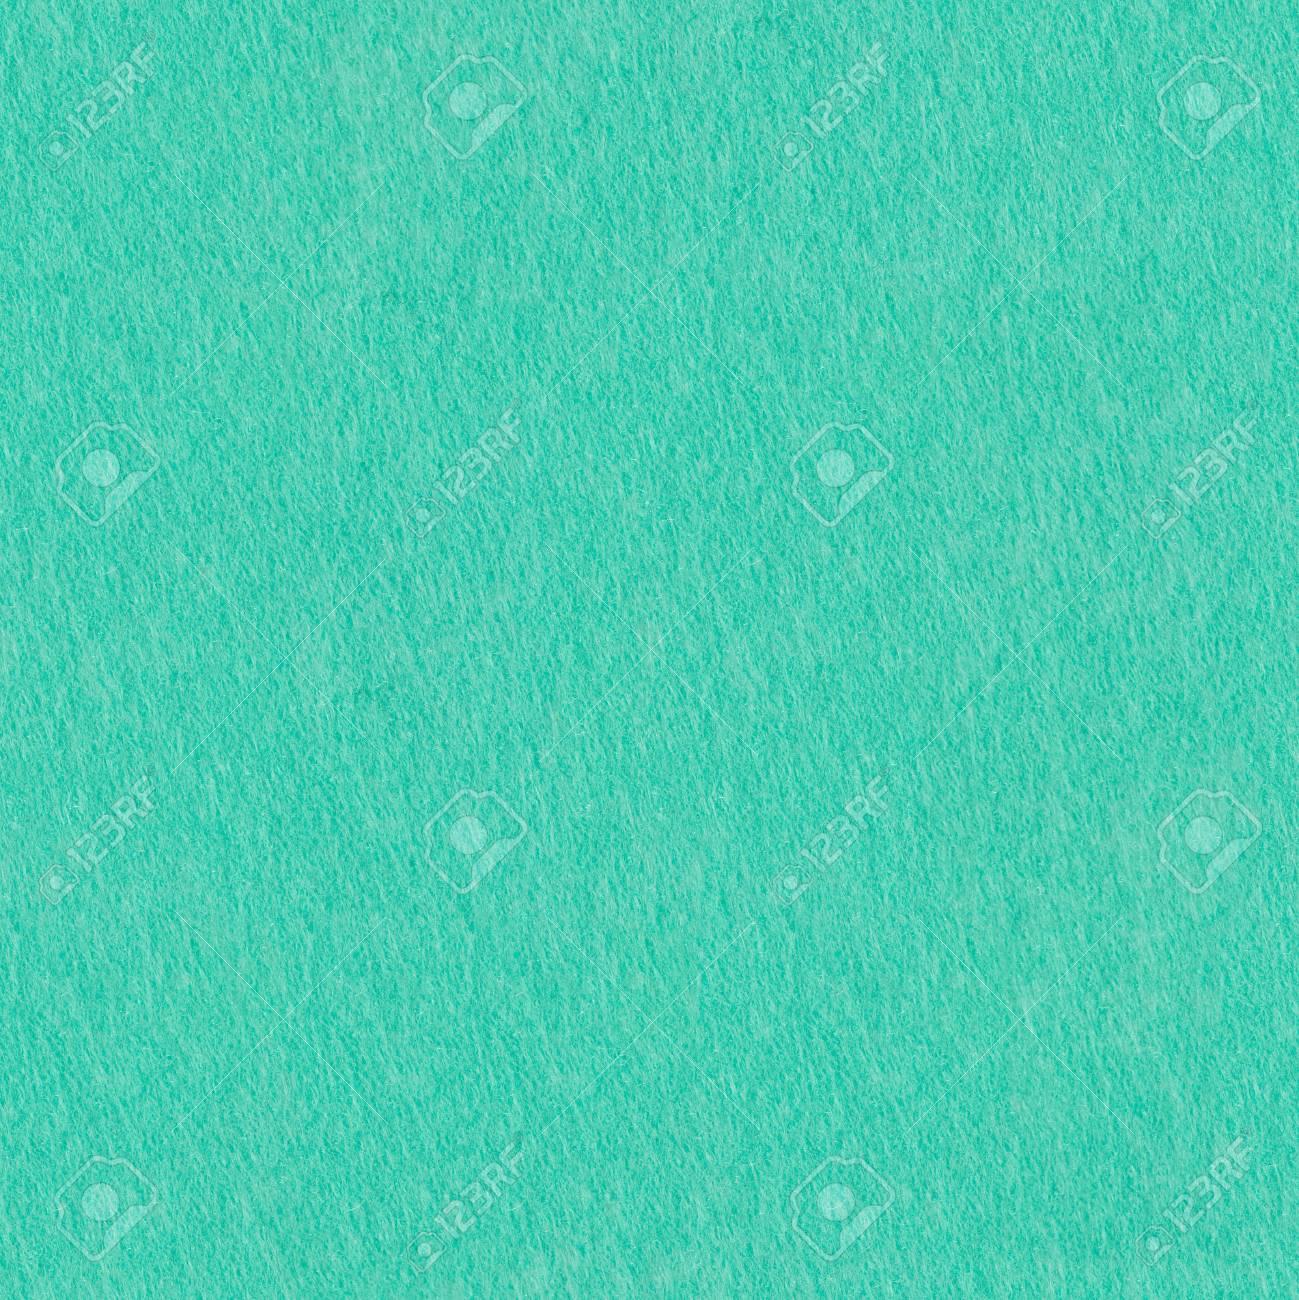 aqua blue color felt texture for design seamless square background